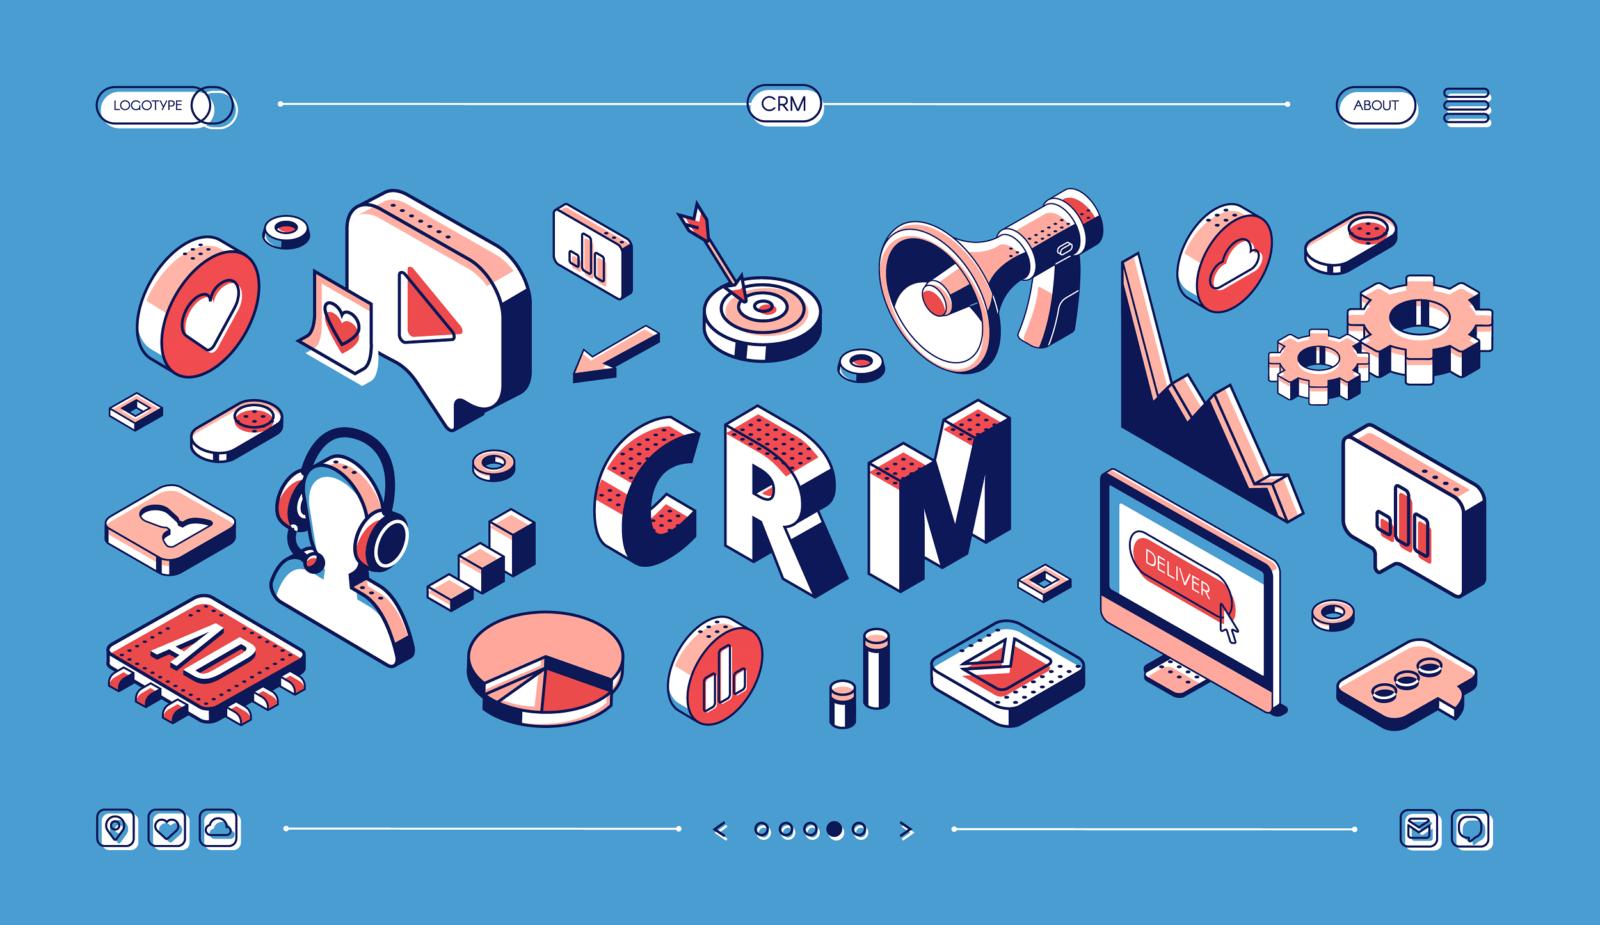 как выбрать CRM систему для вашего бизнеса Украина, Киев, Днепр, туризм производство